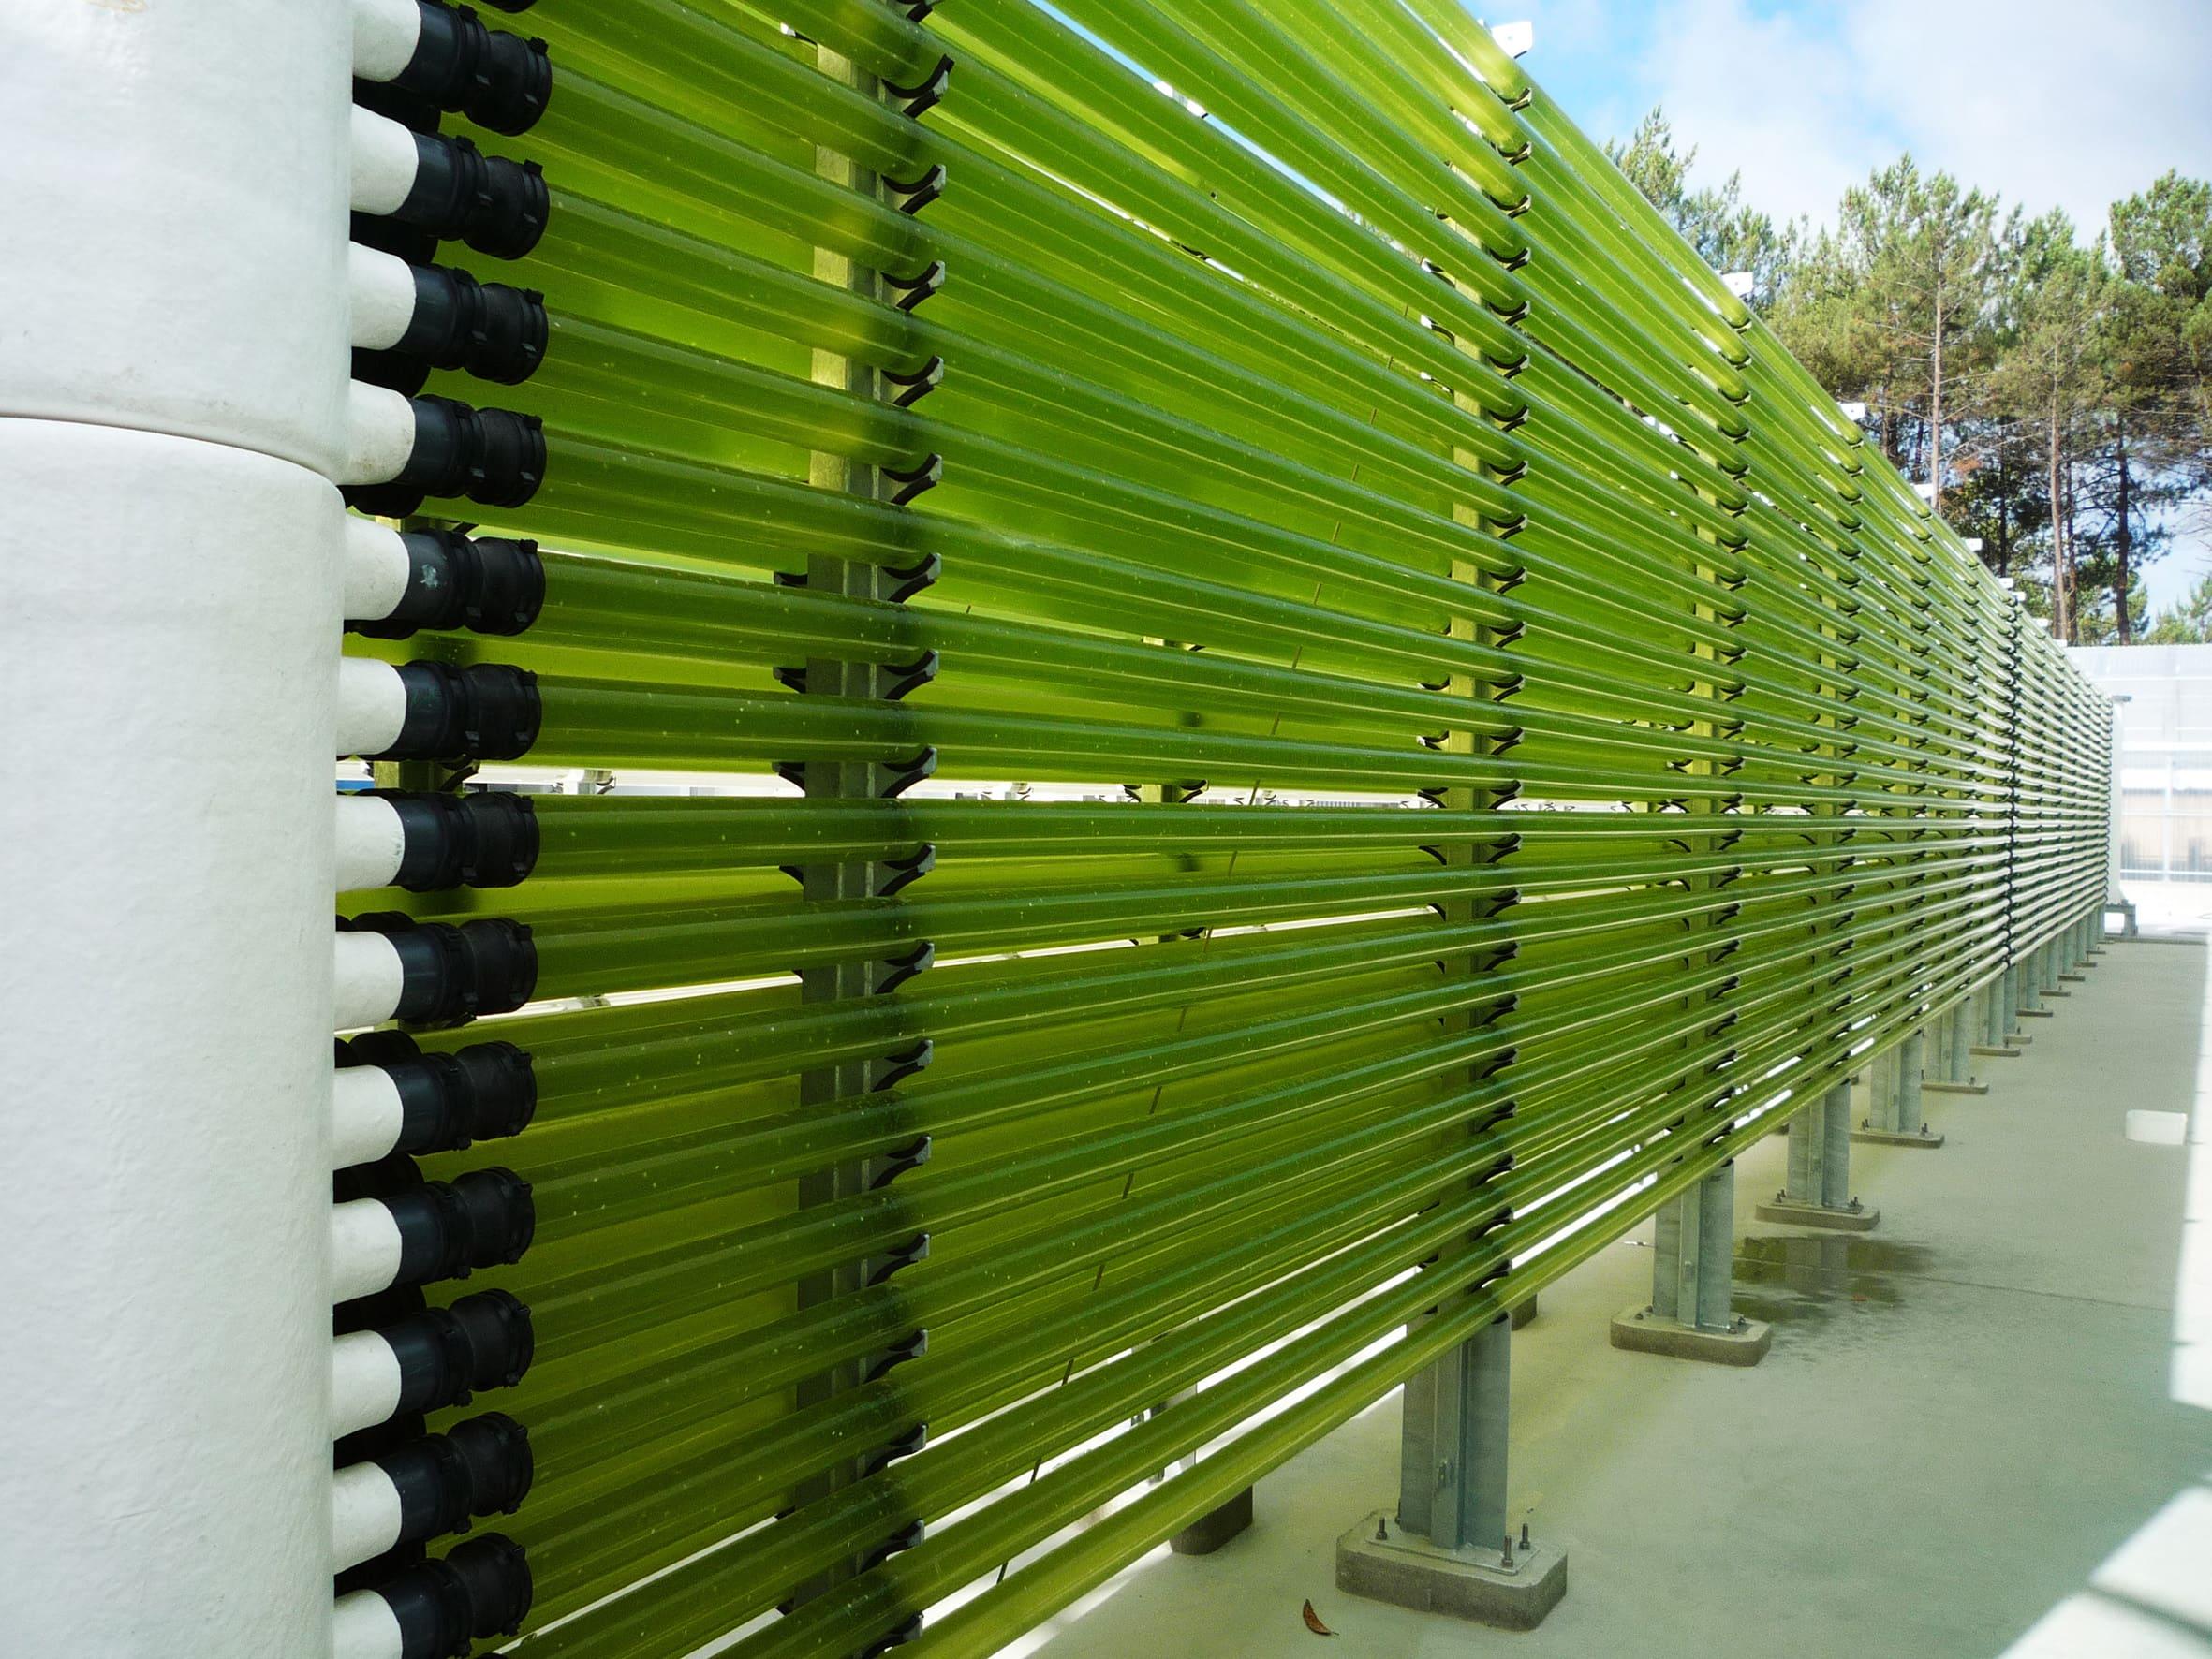 Hatchery Feed & Management | Allmicroalgae set to double production of algae-based ingredients